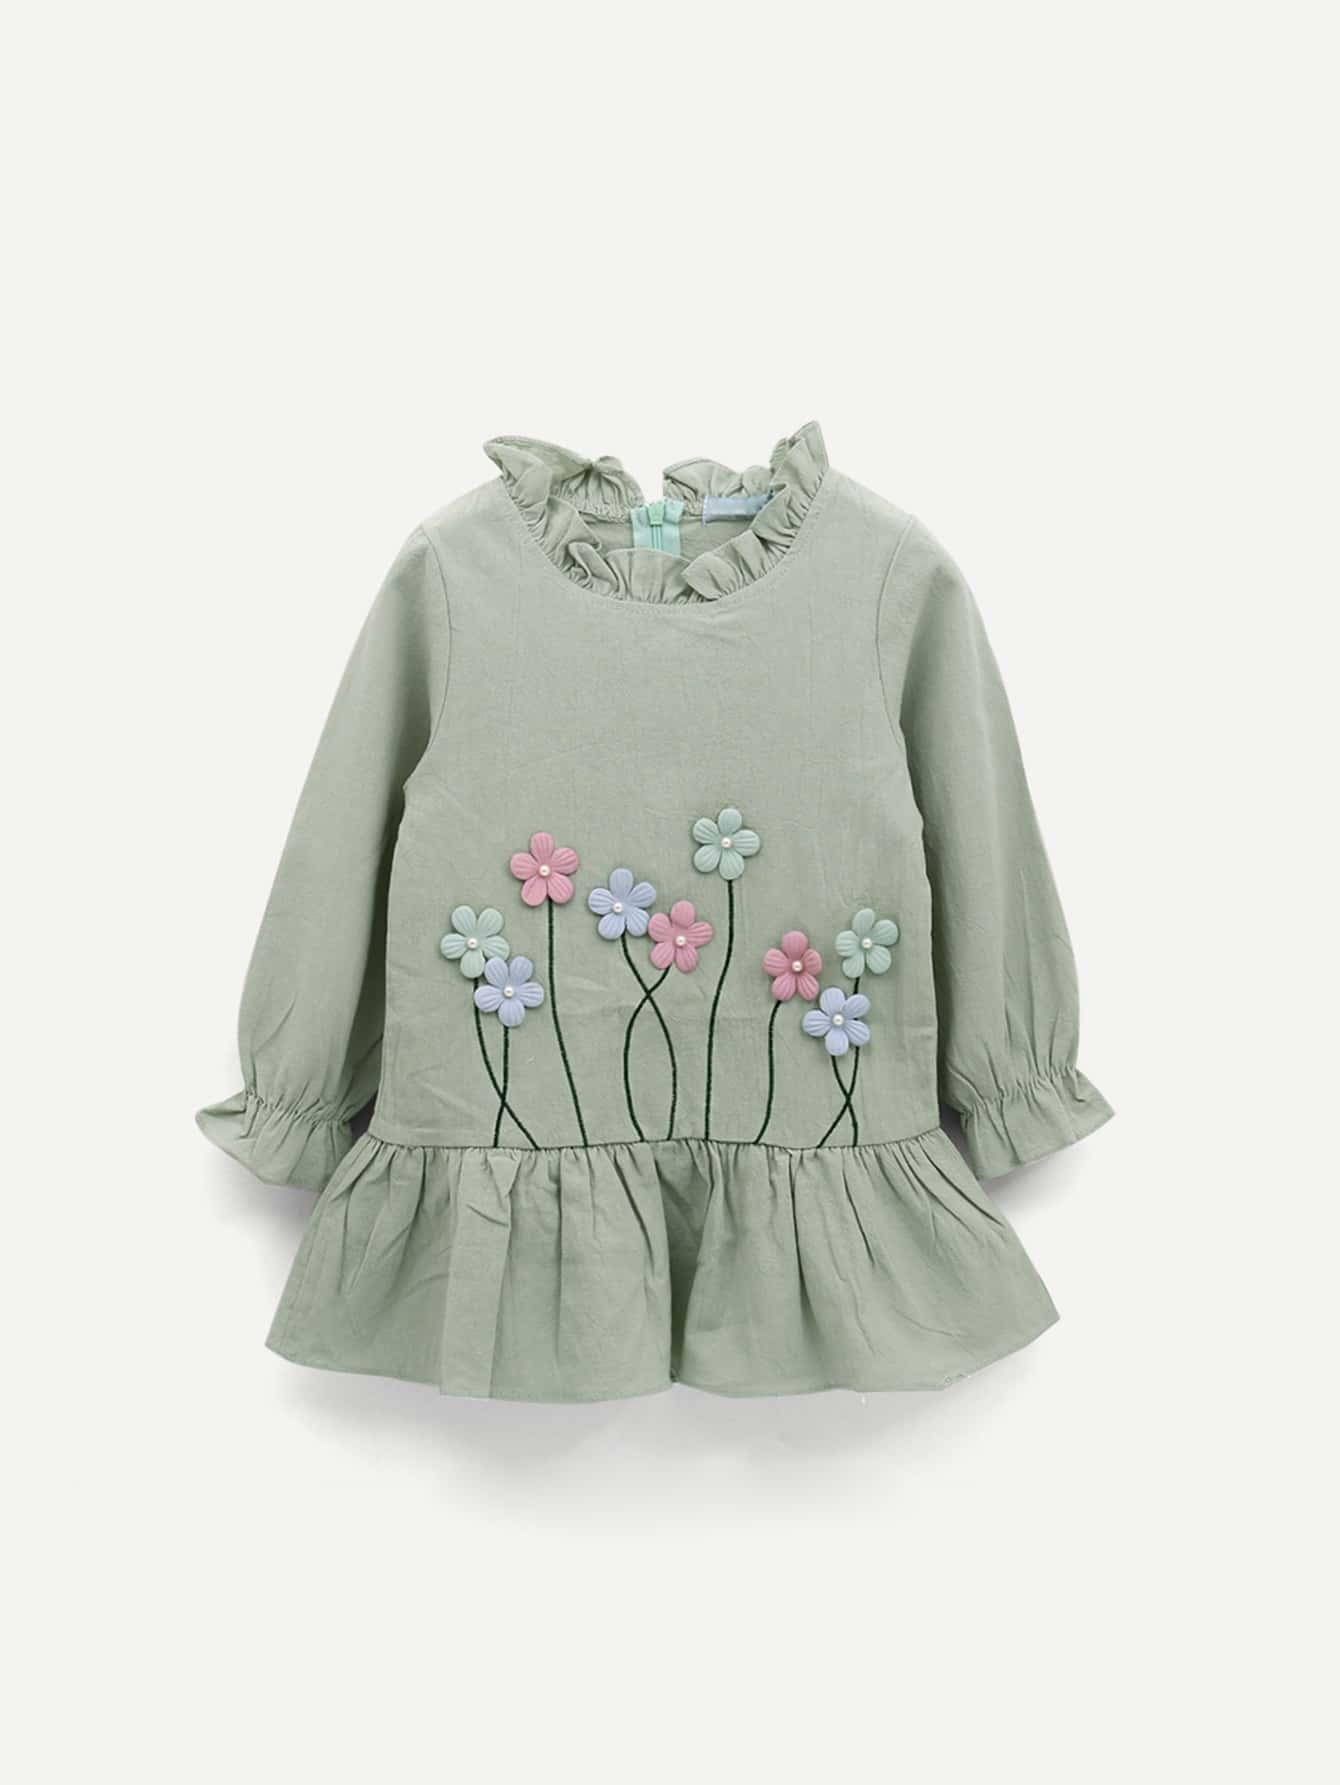 Купить Асимметричное платье с украшением цветов для малышских девочек, null, SheIn